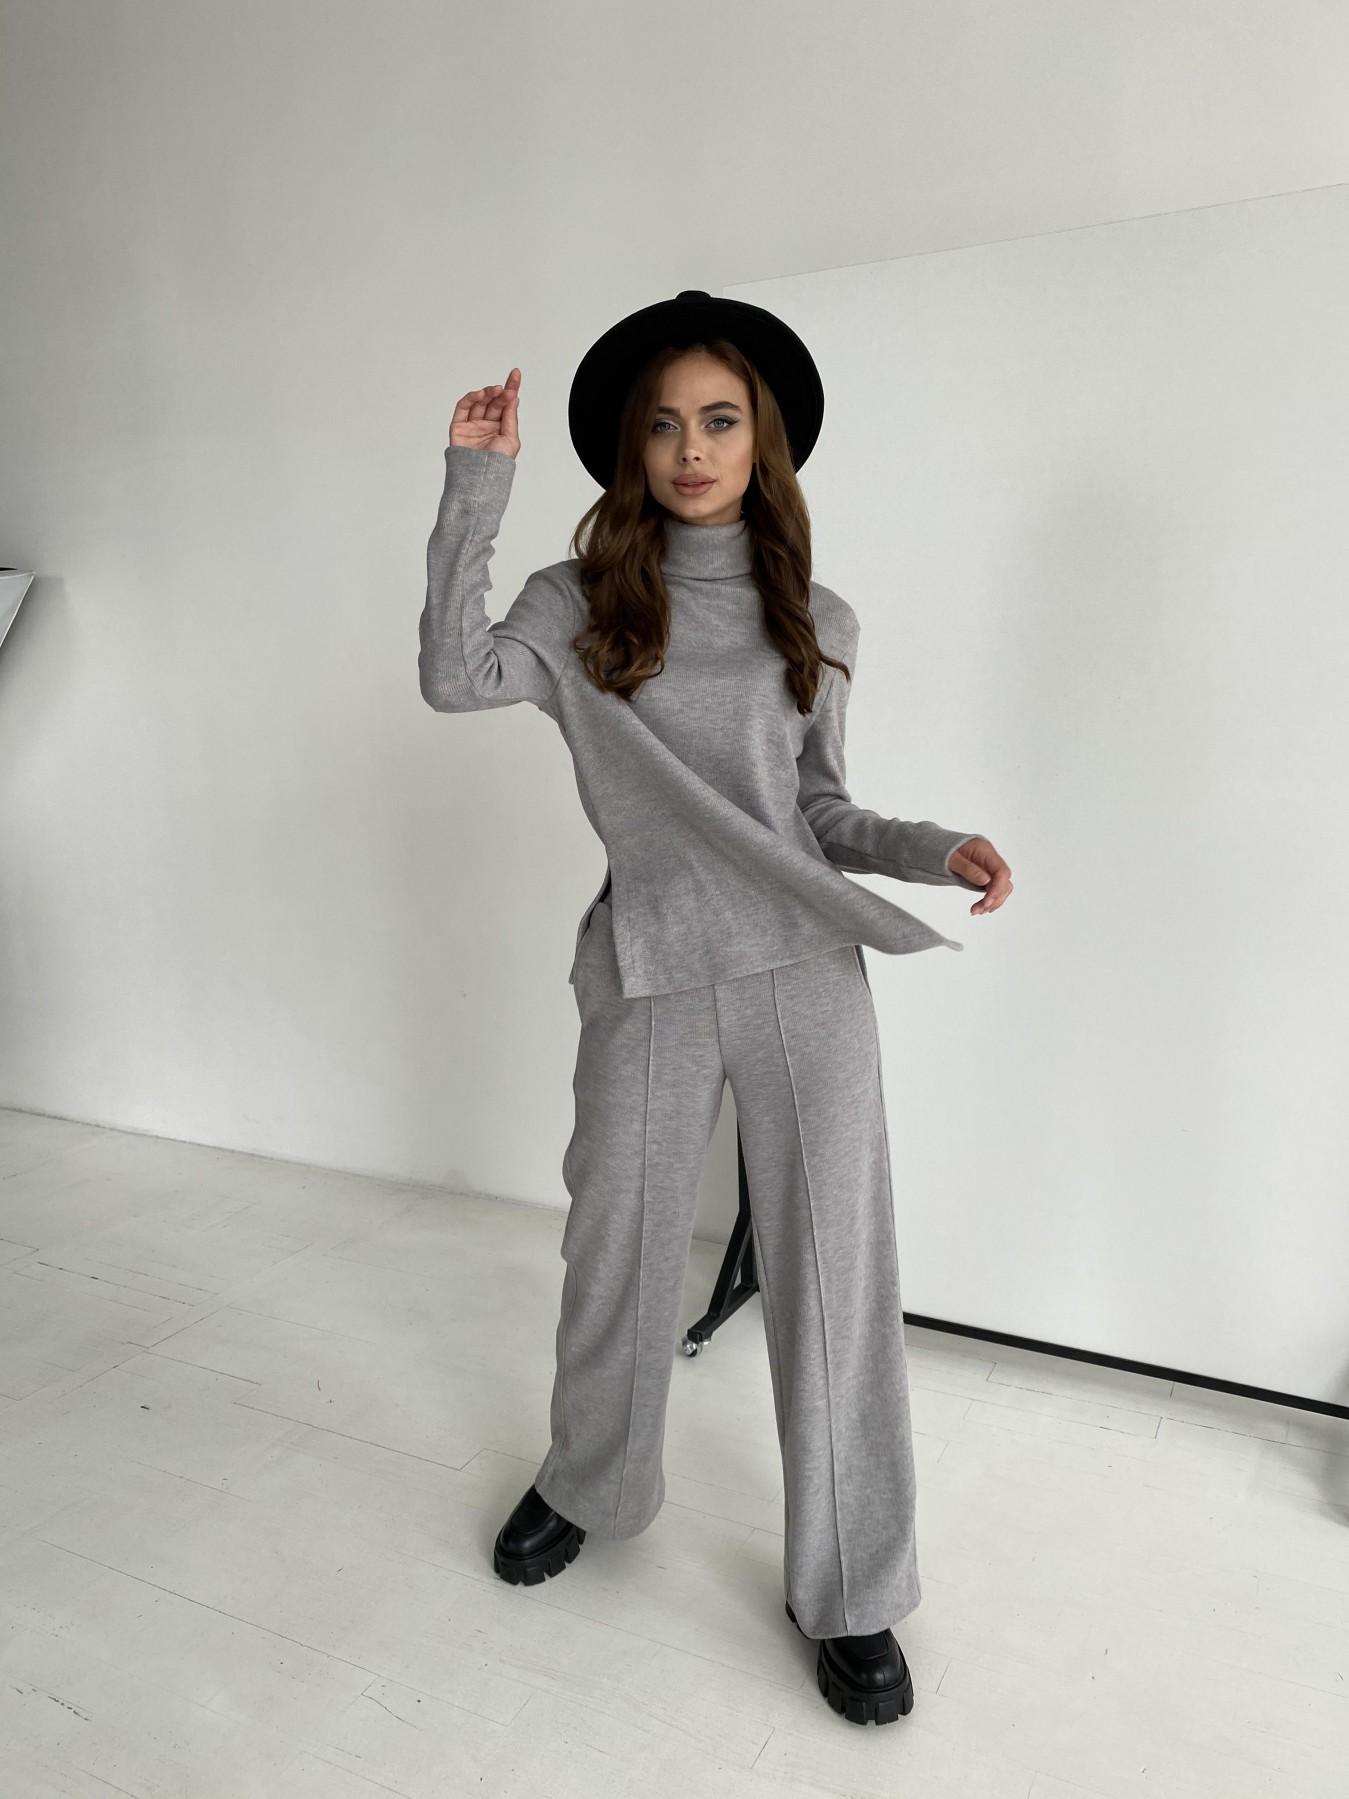 Эдем костюм из плотного трикотажа 11738 АРТ. 48444 Цвет: Серый - фото 7, интернет магазин tm-modus.ru